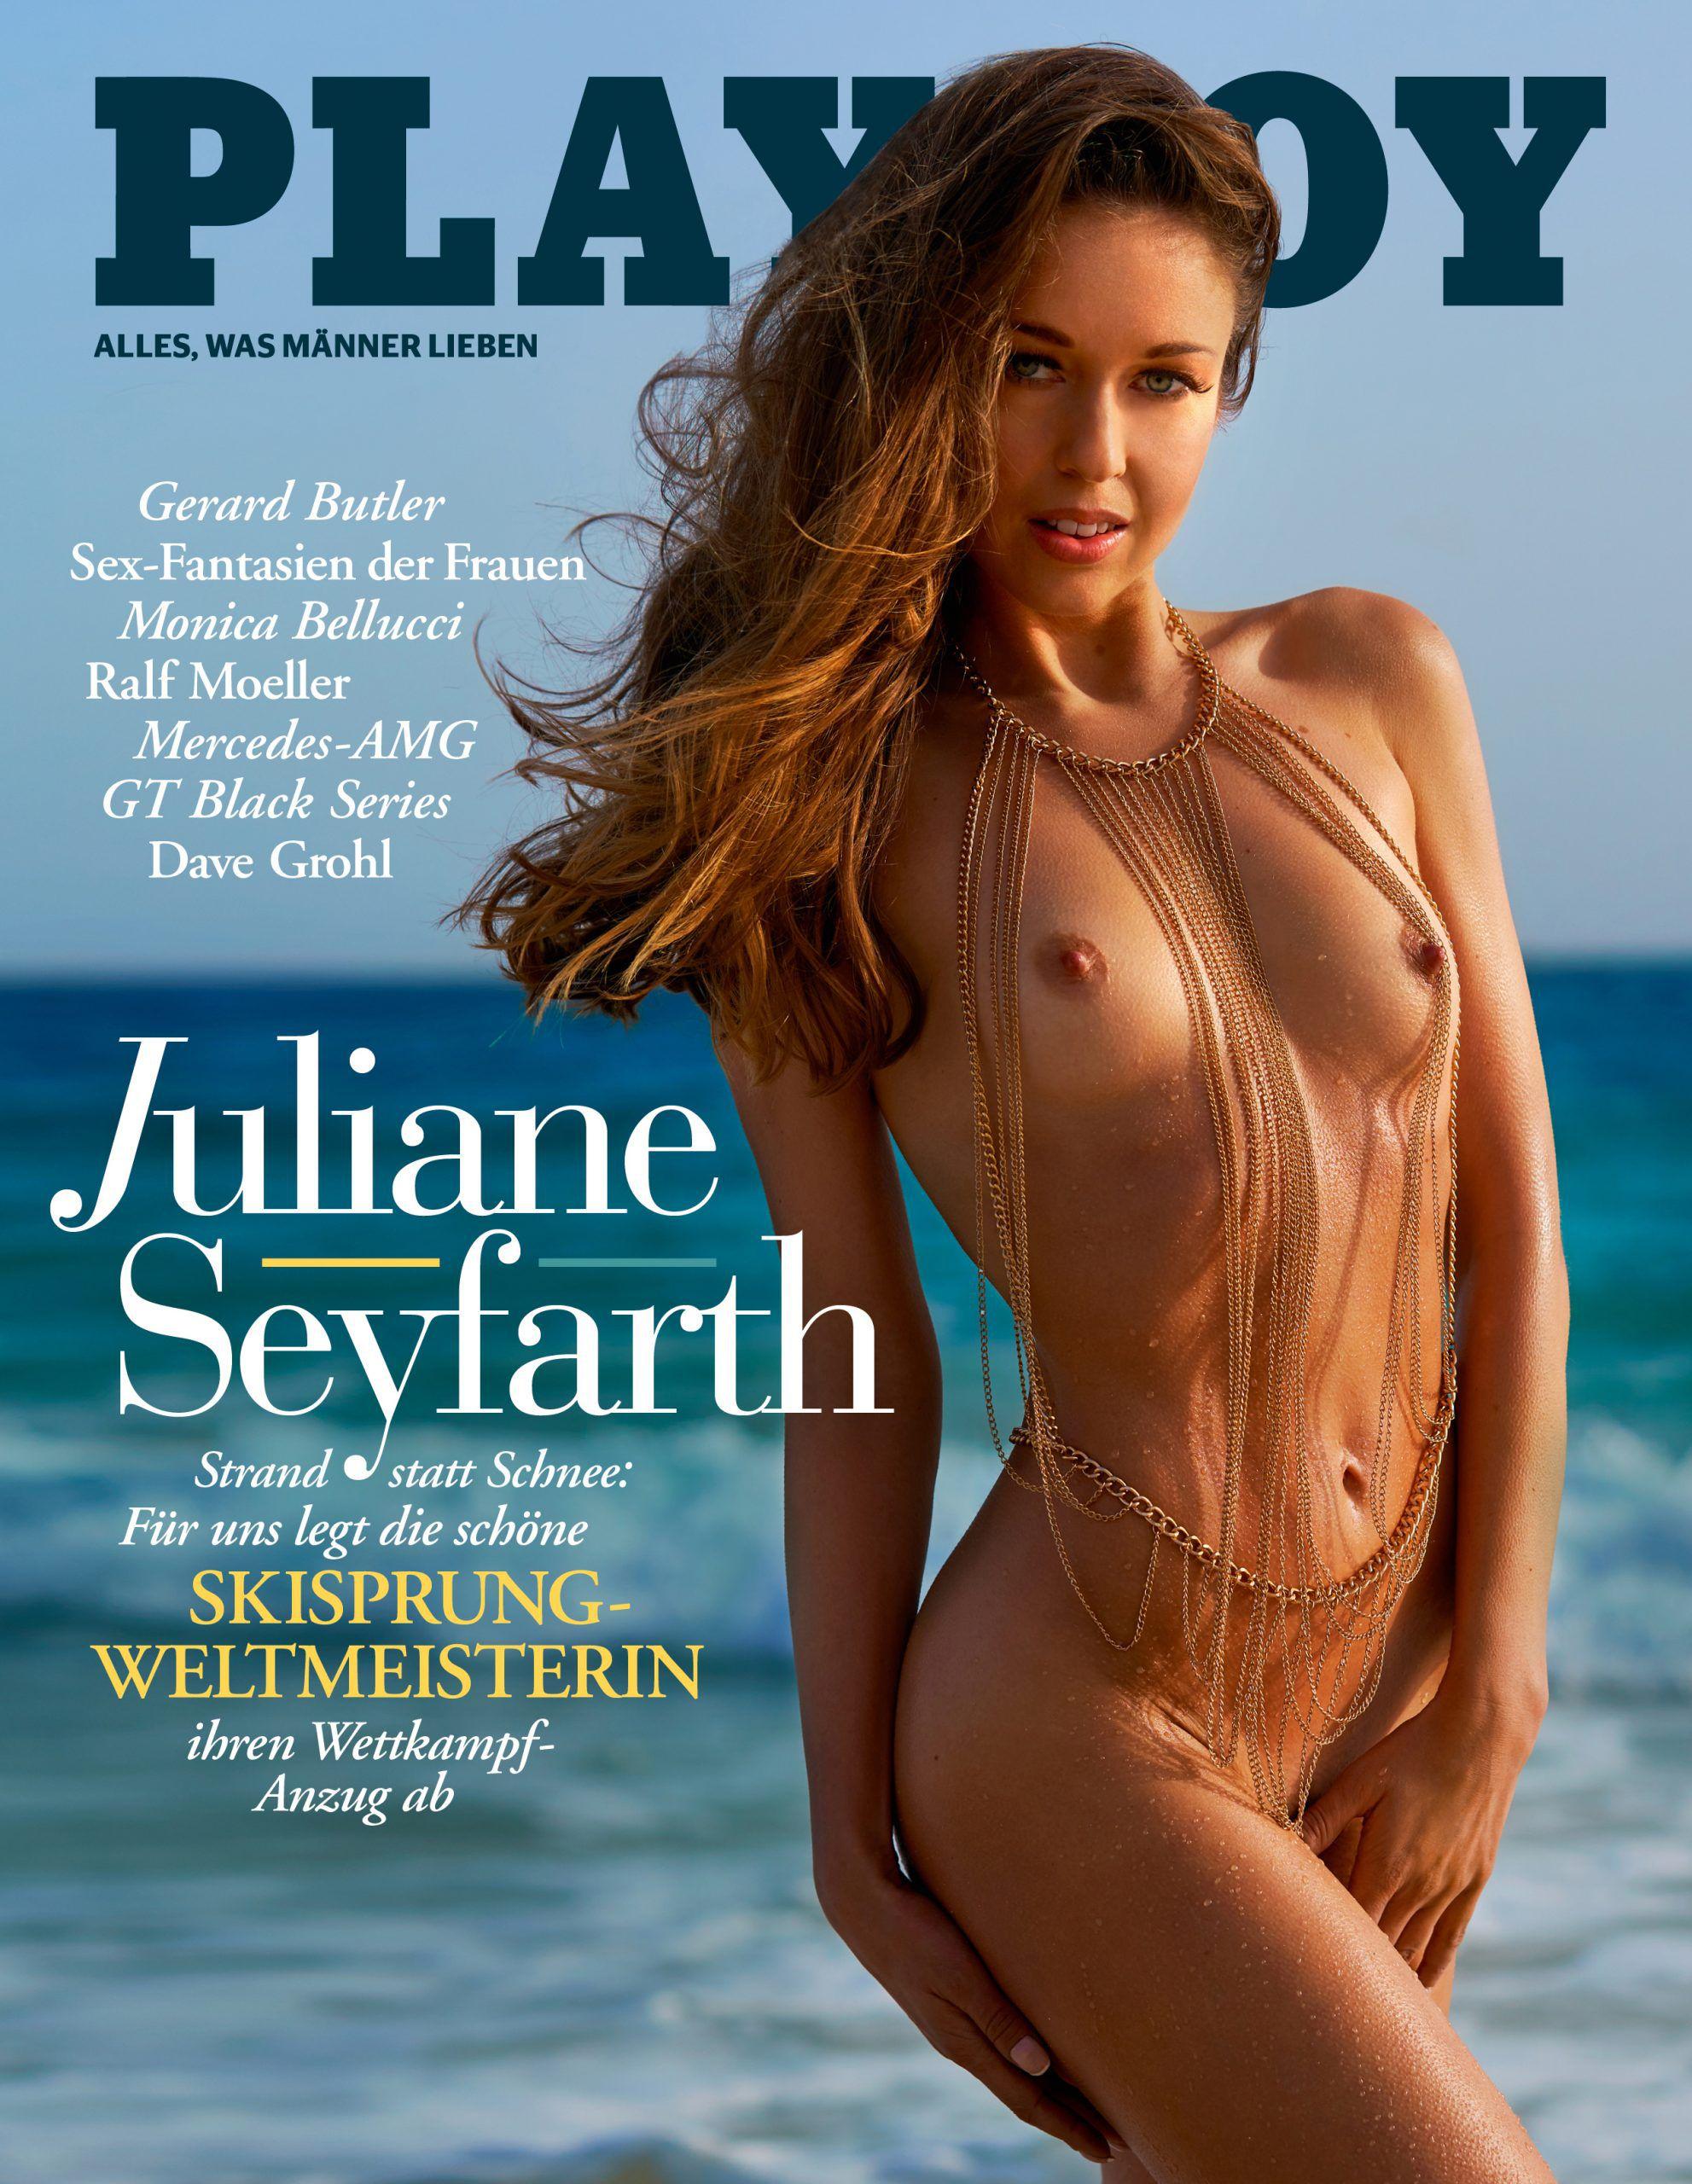 """Wintersport-Star Juliane Seyfarth posiert nackt für den """"Playboy"""""""